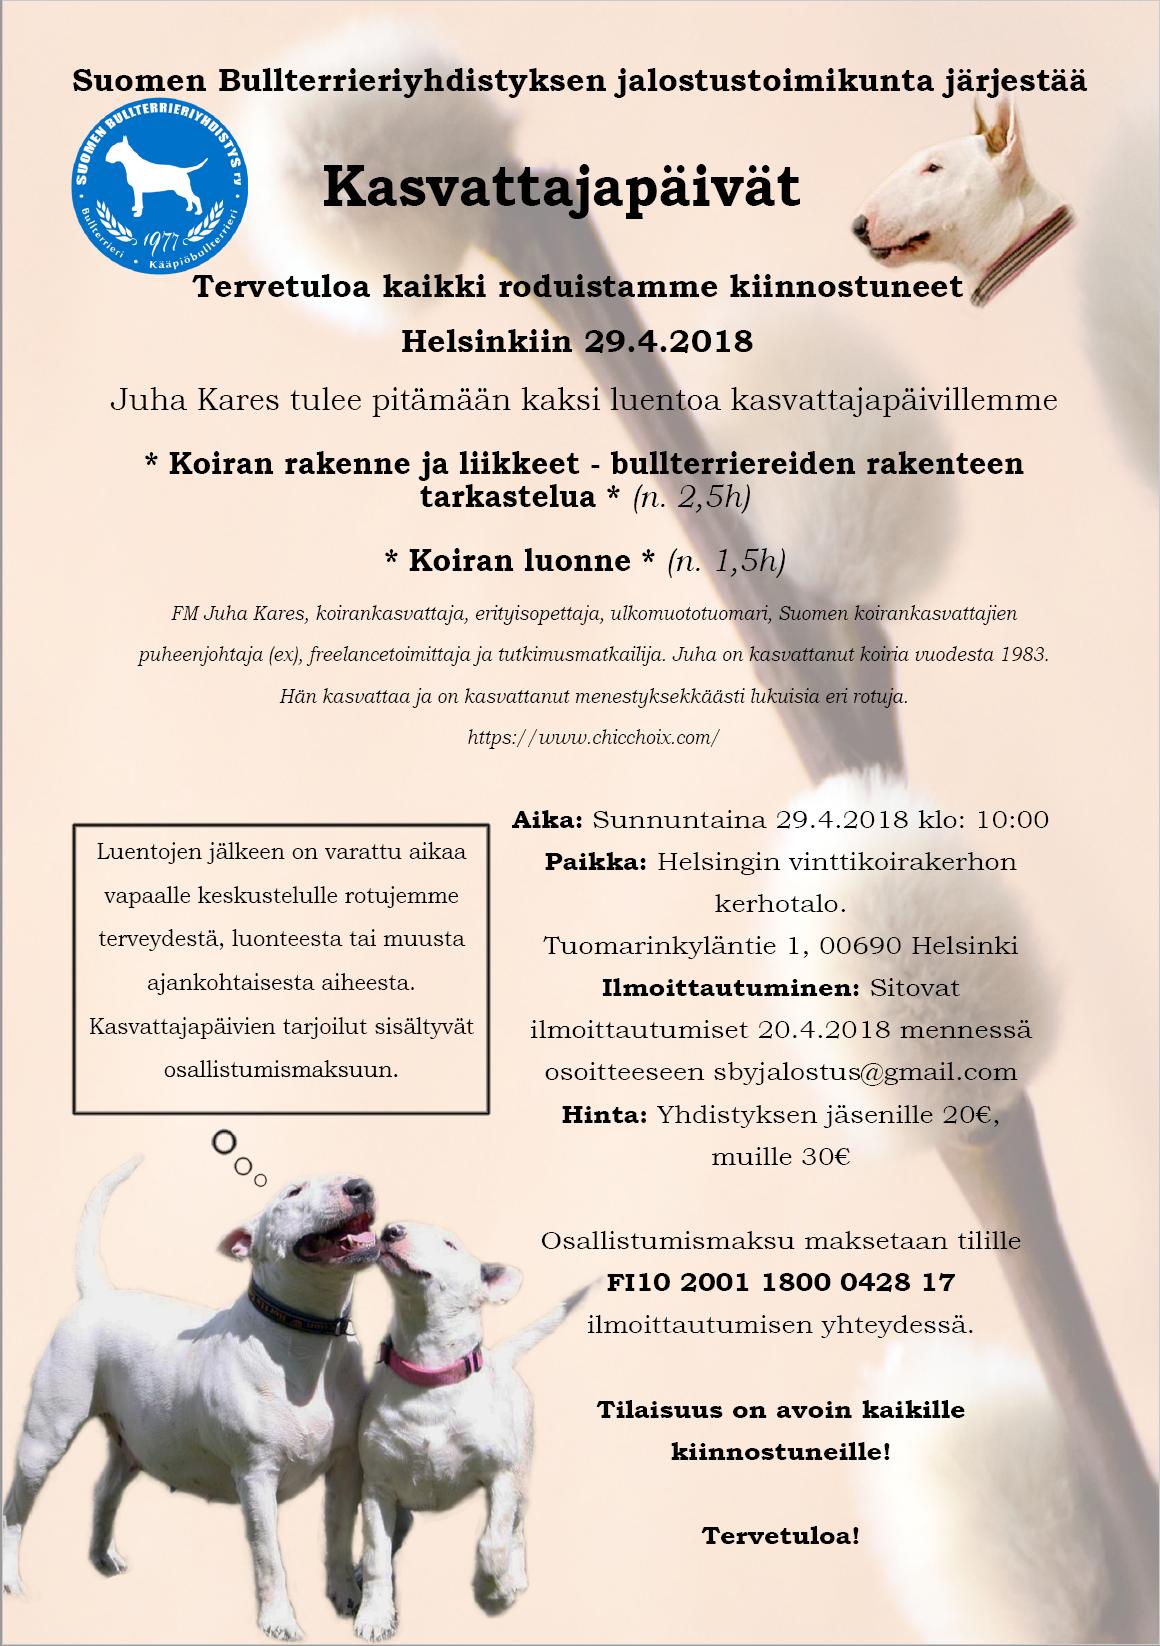 HSV singleä kaikkien rotujen, uskontojen, seksuaalista suuntautumista.